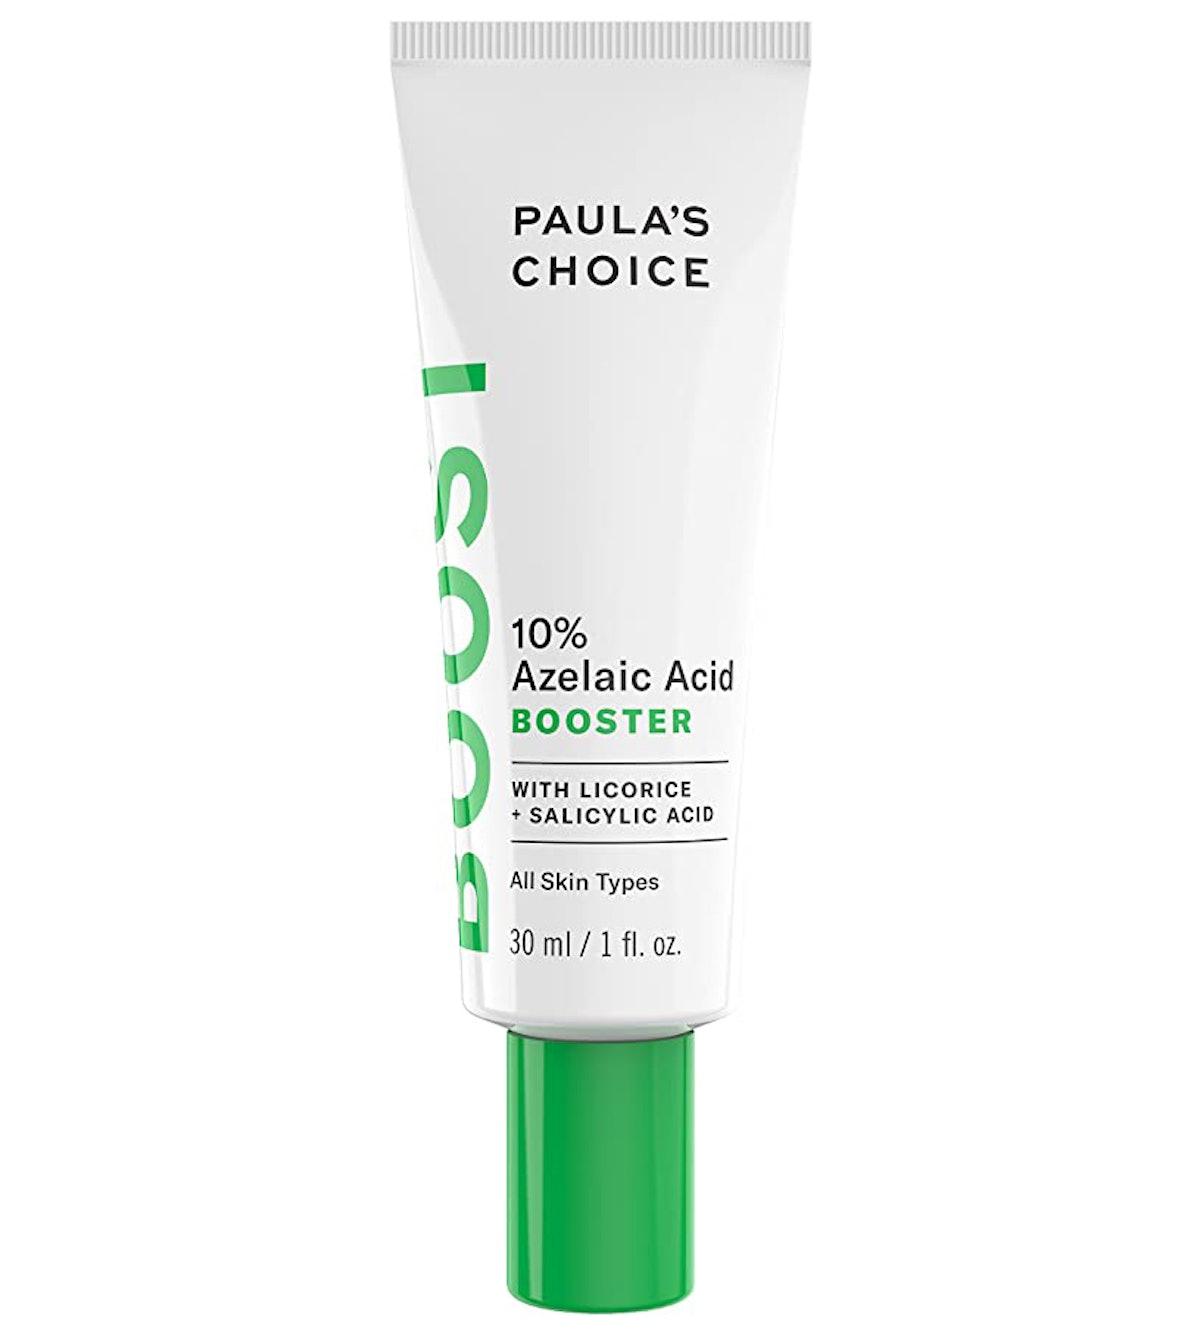 Paula's Choice 10% Azalaic Acid Booster